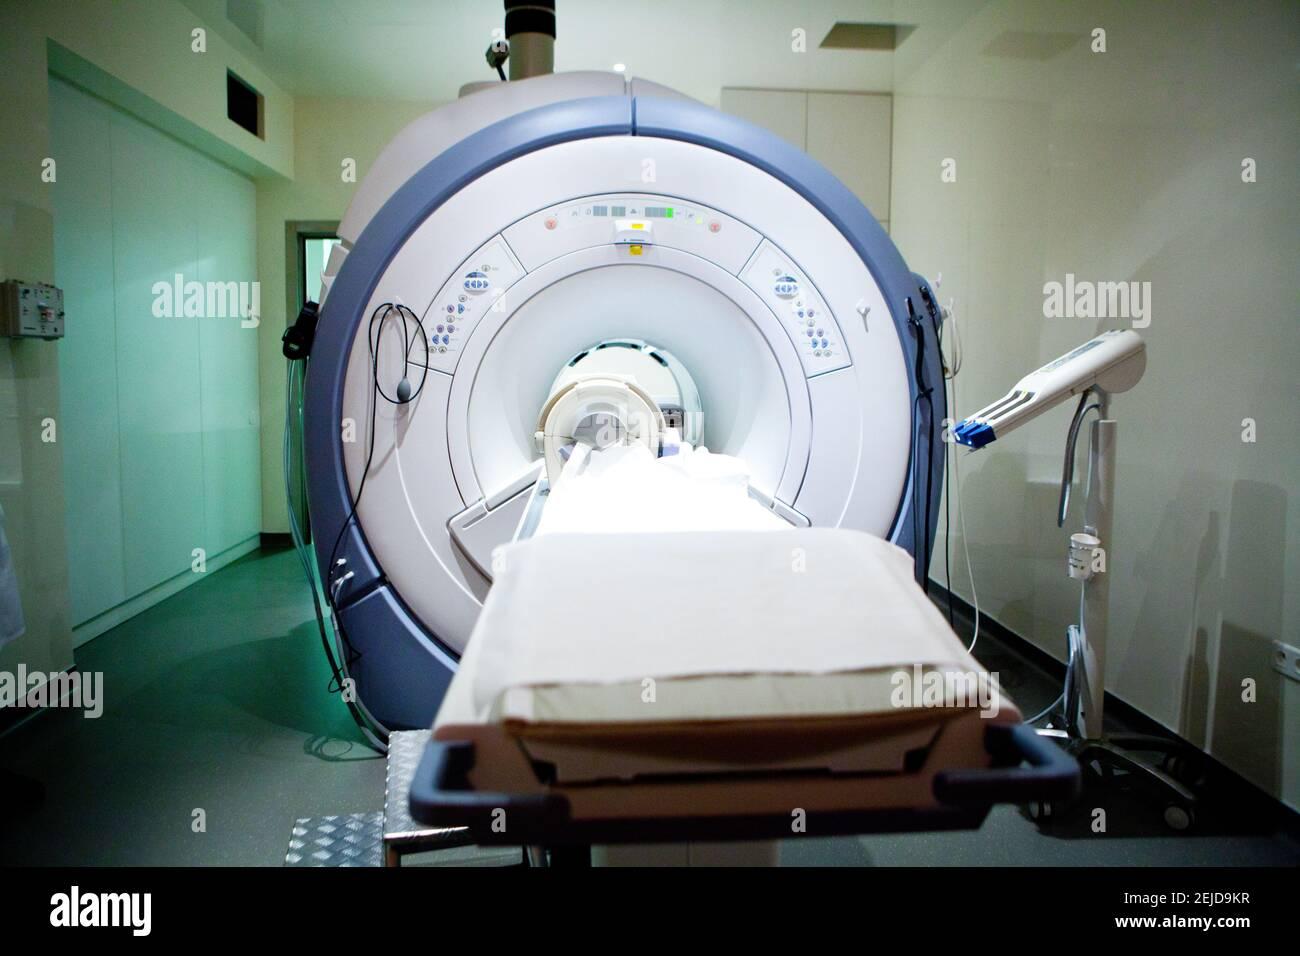 IRM ou imagerie par résonance magnétique basée sur les propriétés magnétiques de l'hydrogène contenu dans le corps humain. Banque D'Images